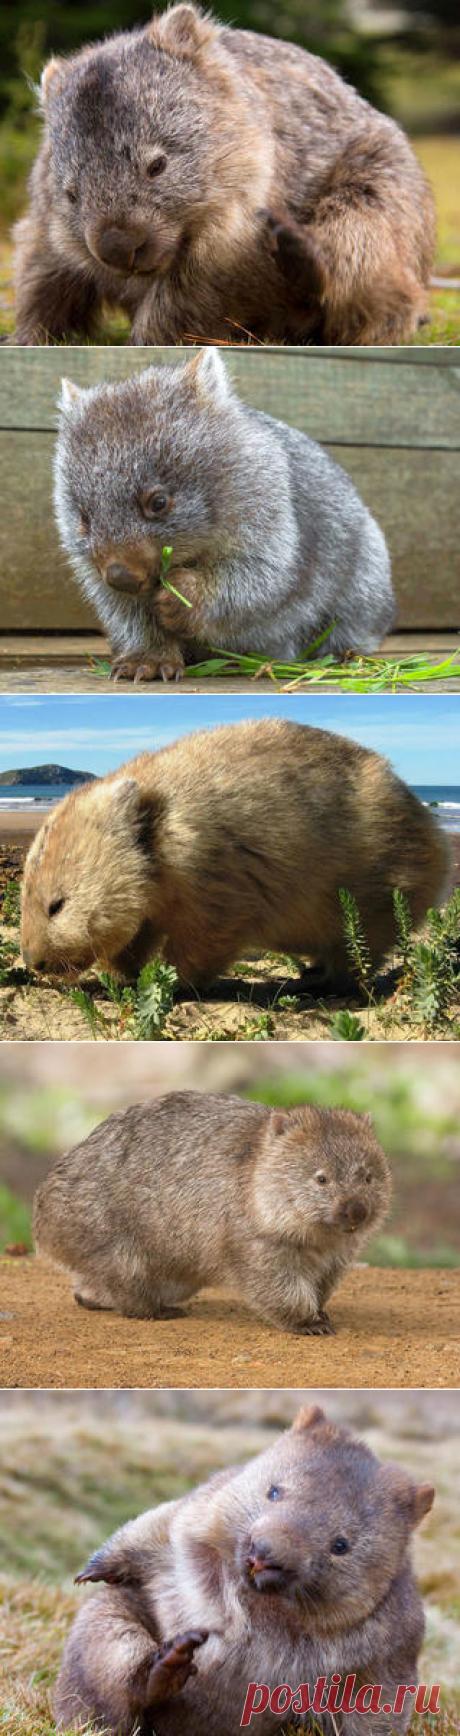 Смотреть изображения короткошёрстных вомбатов | Зооляндия